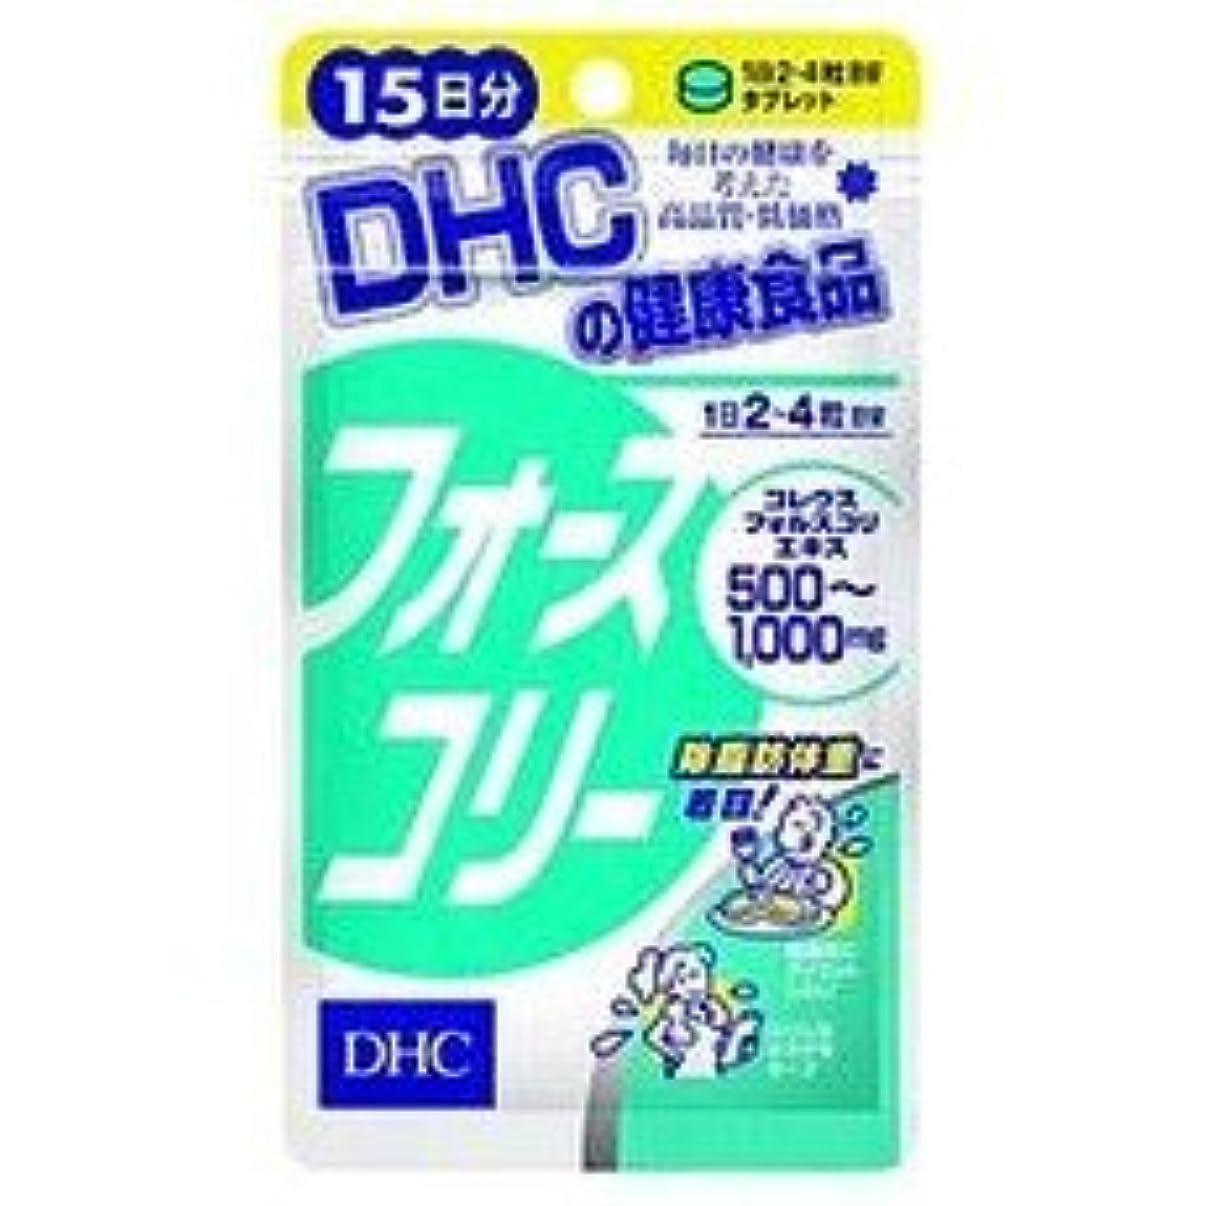 放射能どうしたの練るDHC フォースコリー 15日分 60粒